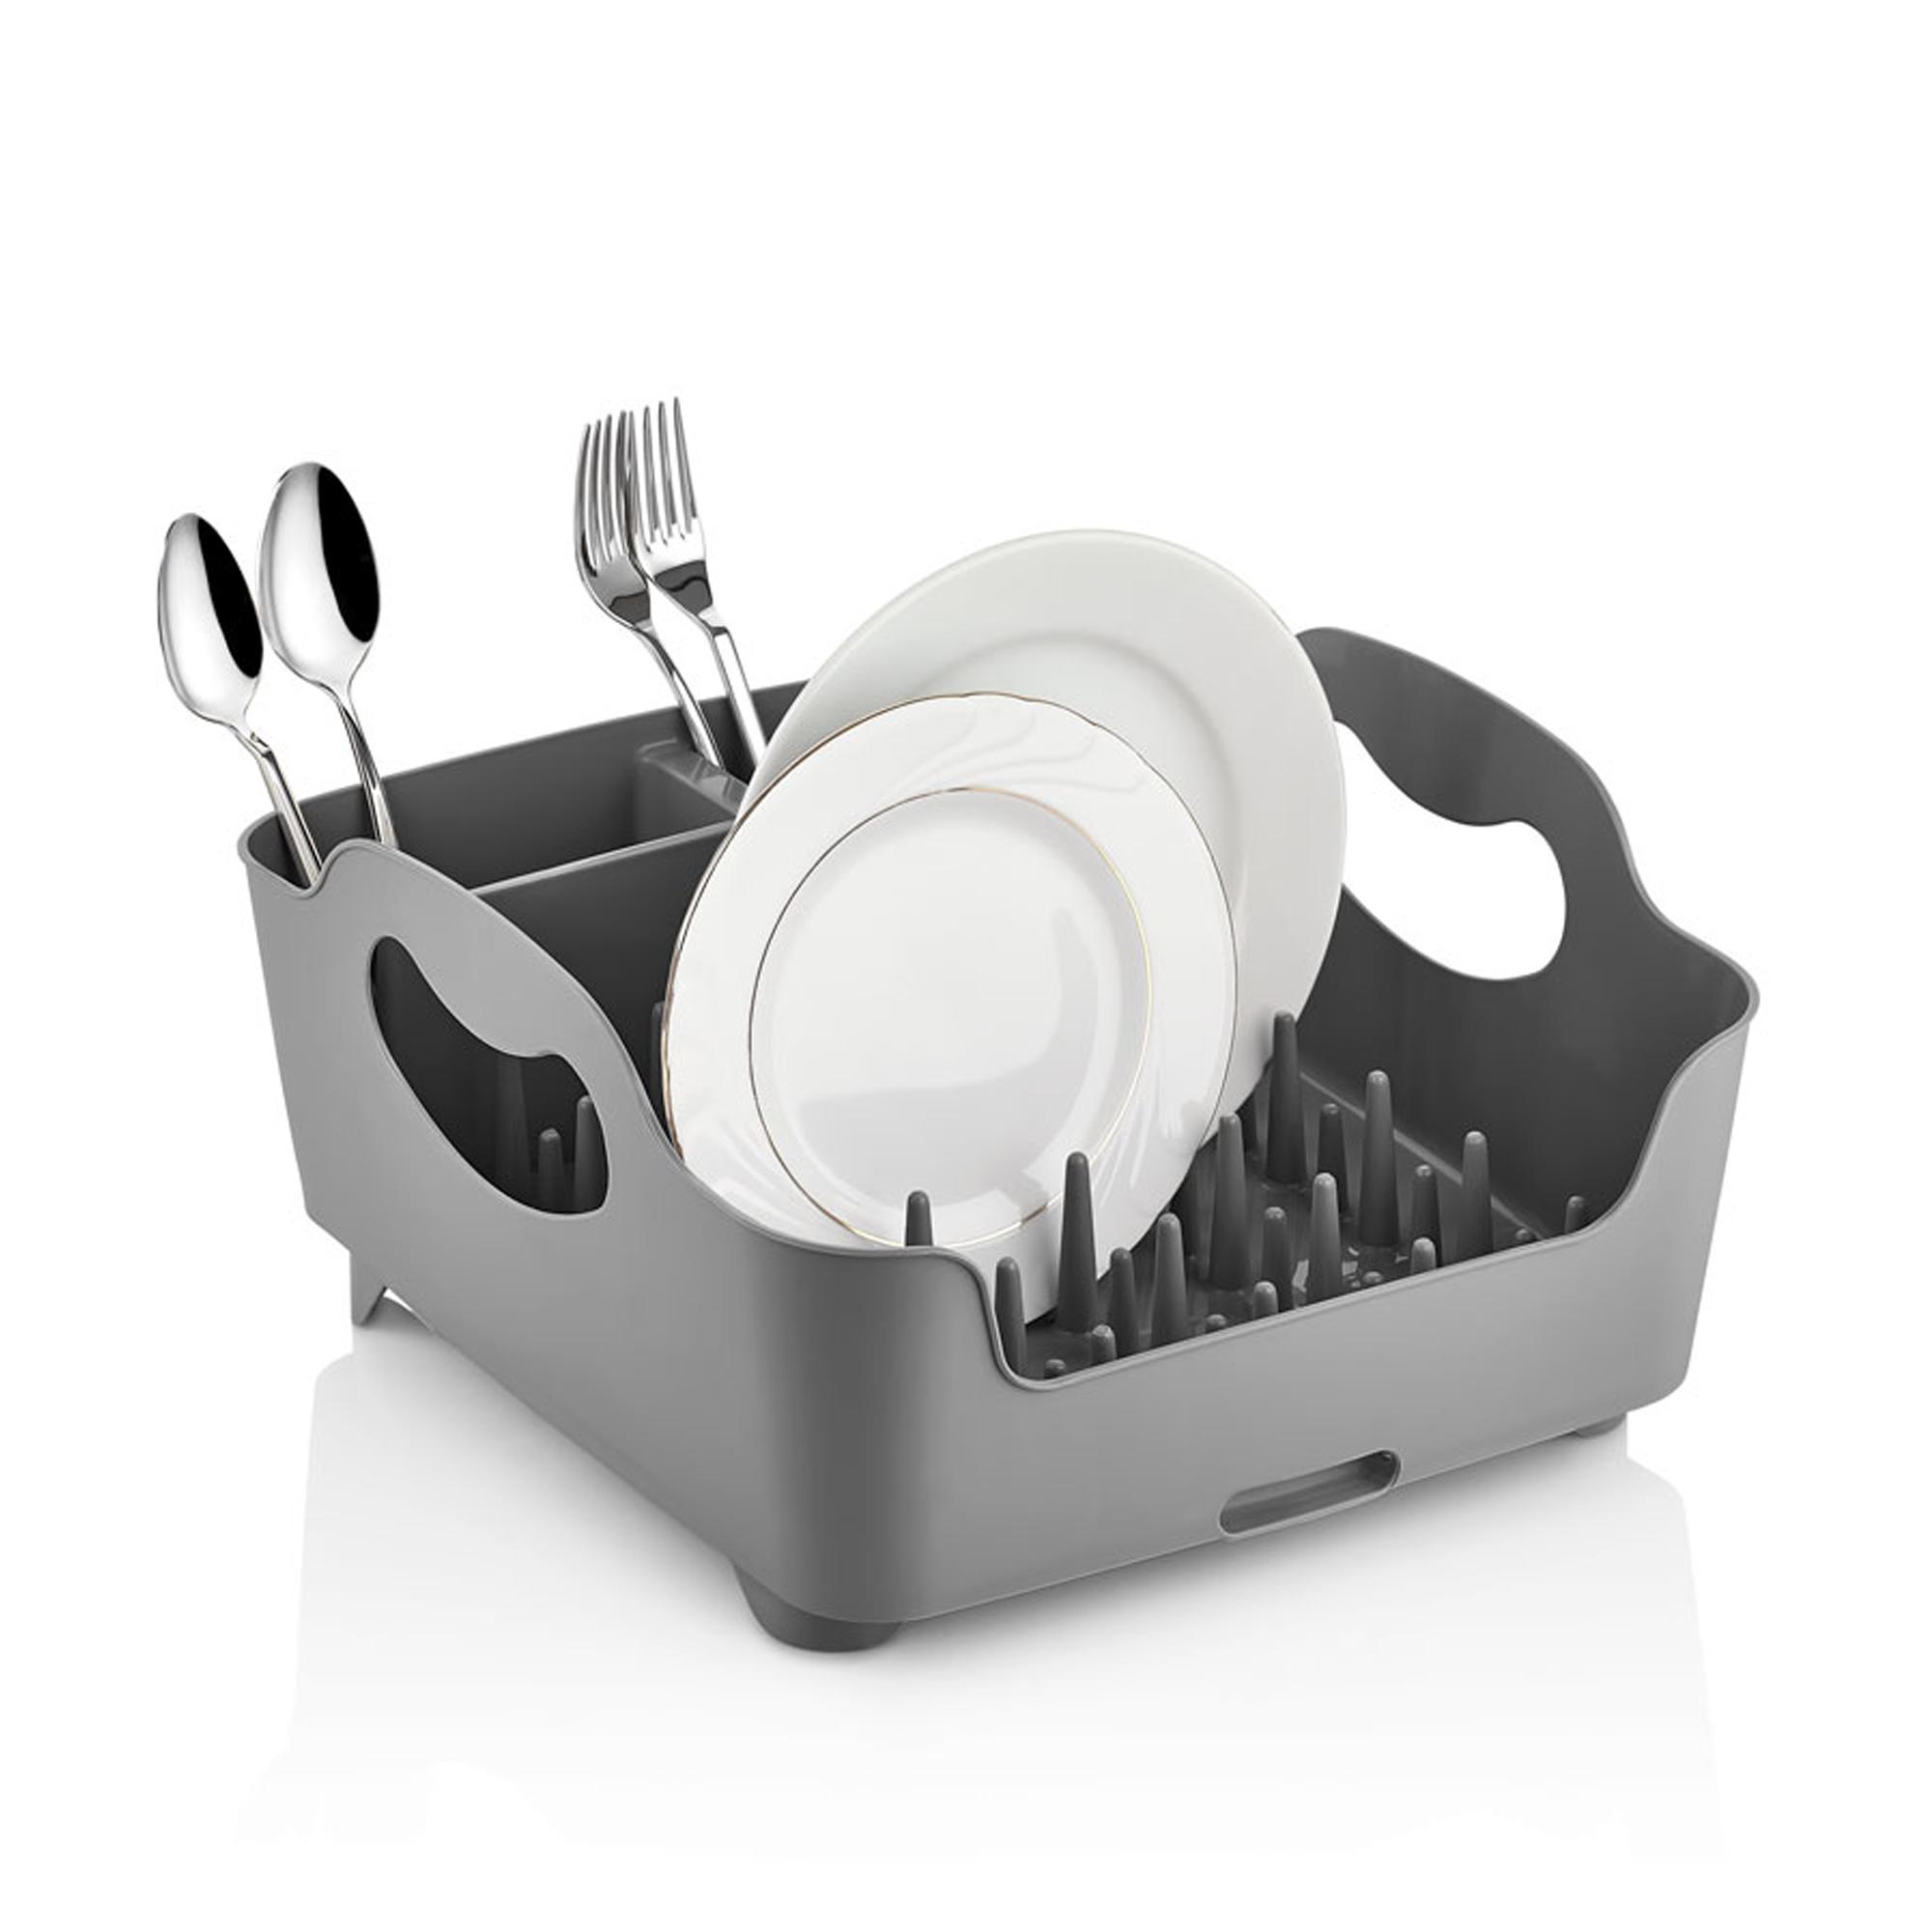 Herzberg HG-L689 : Egouttoir à vaisselle' Gris